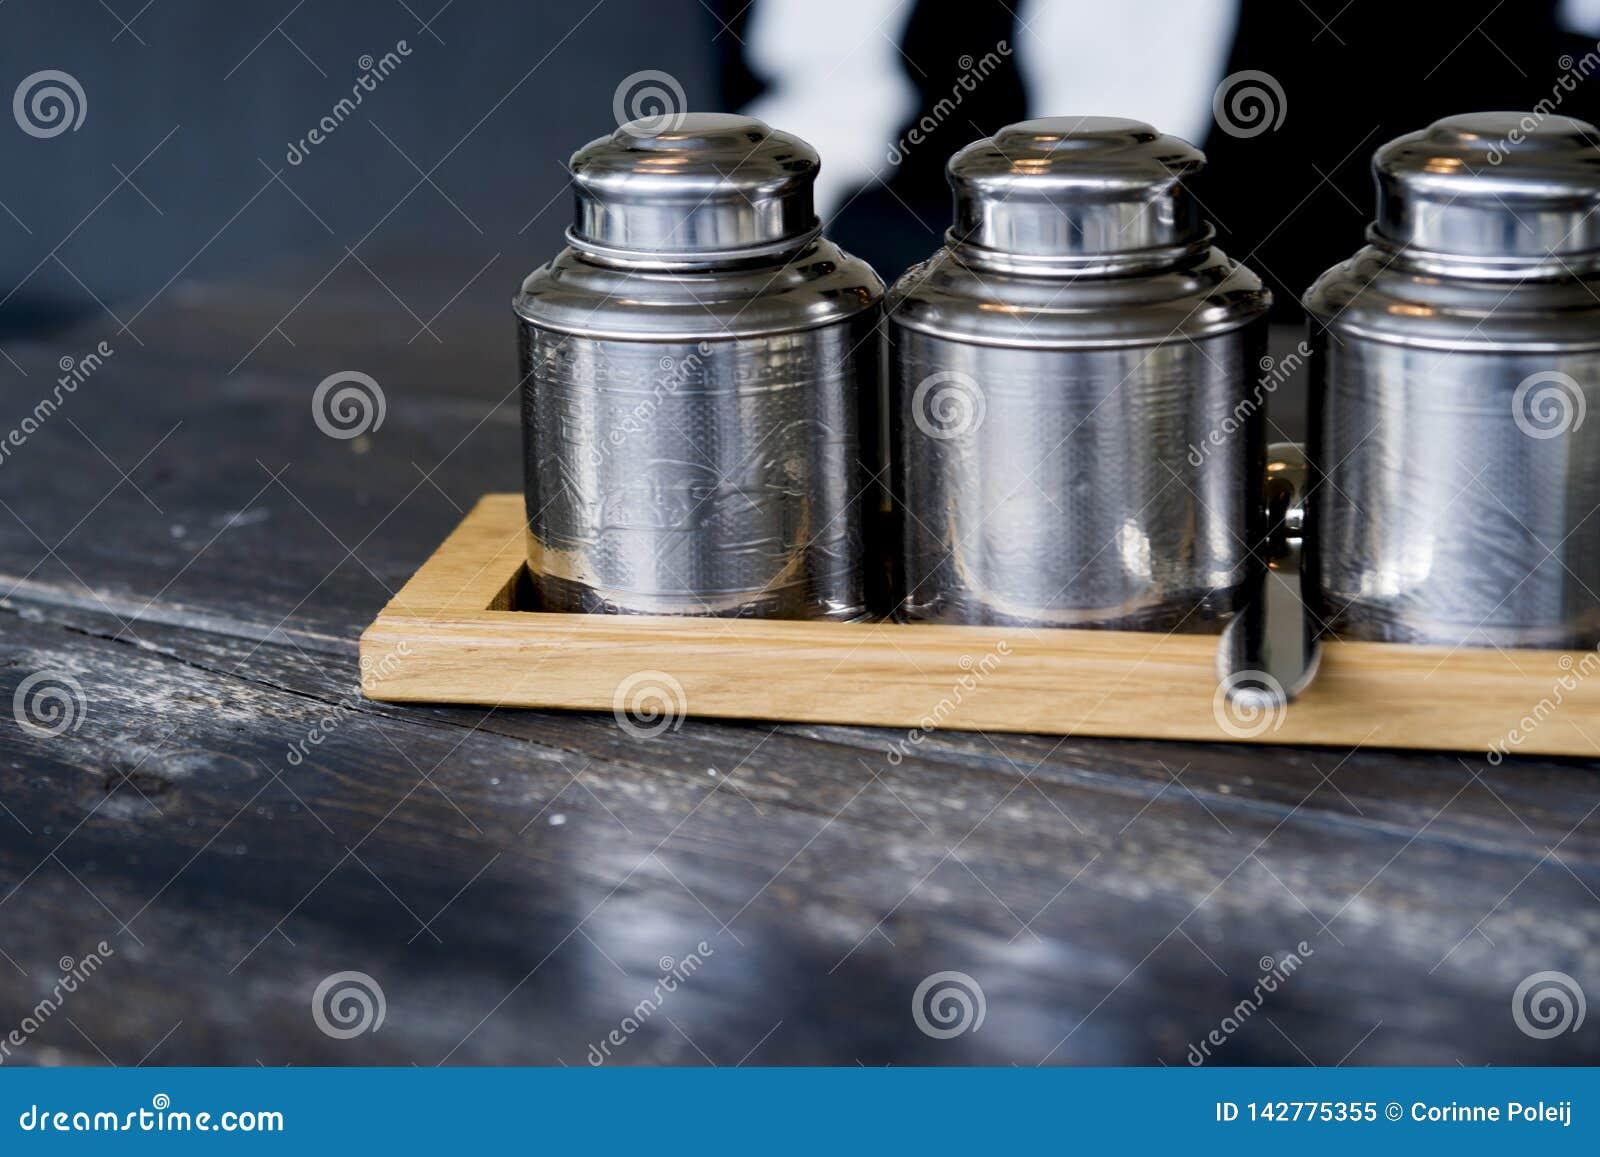 Plateau en bois avec des pots de thé en métal sur la table